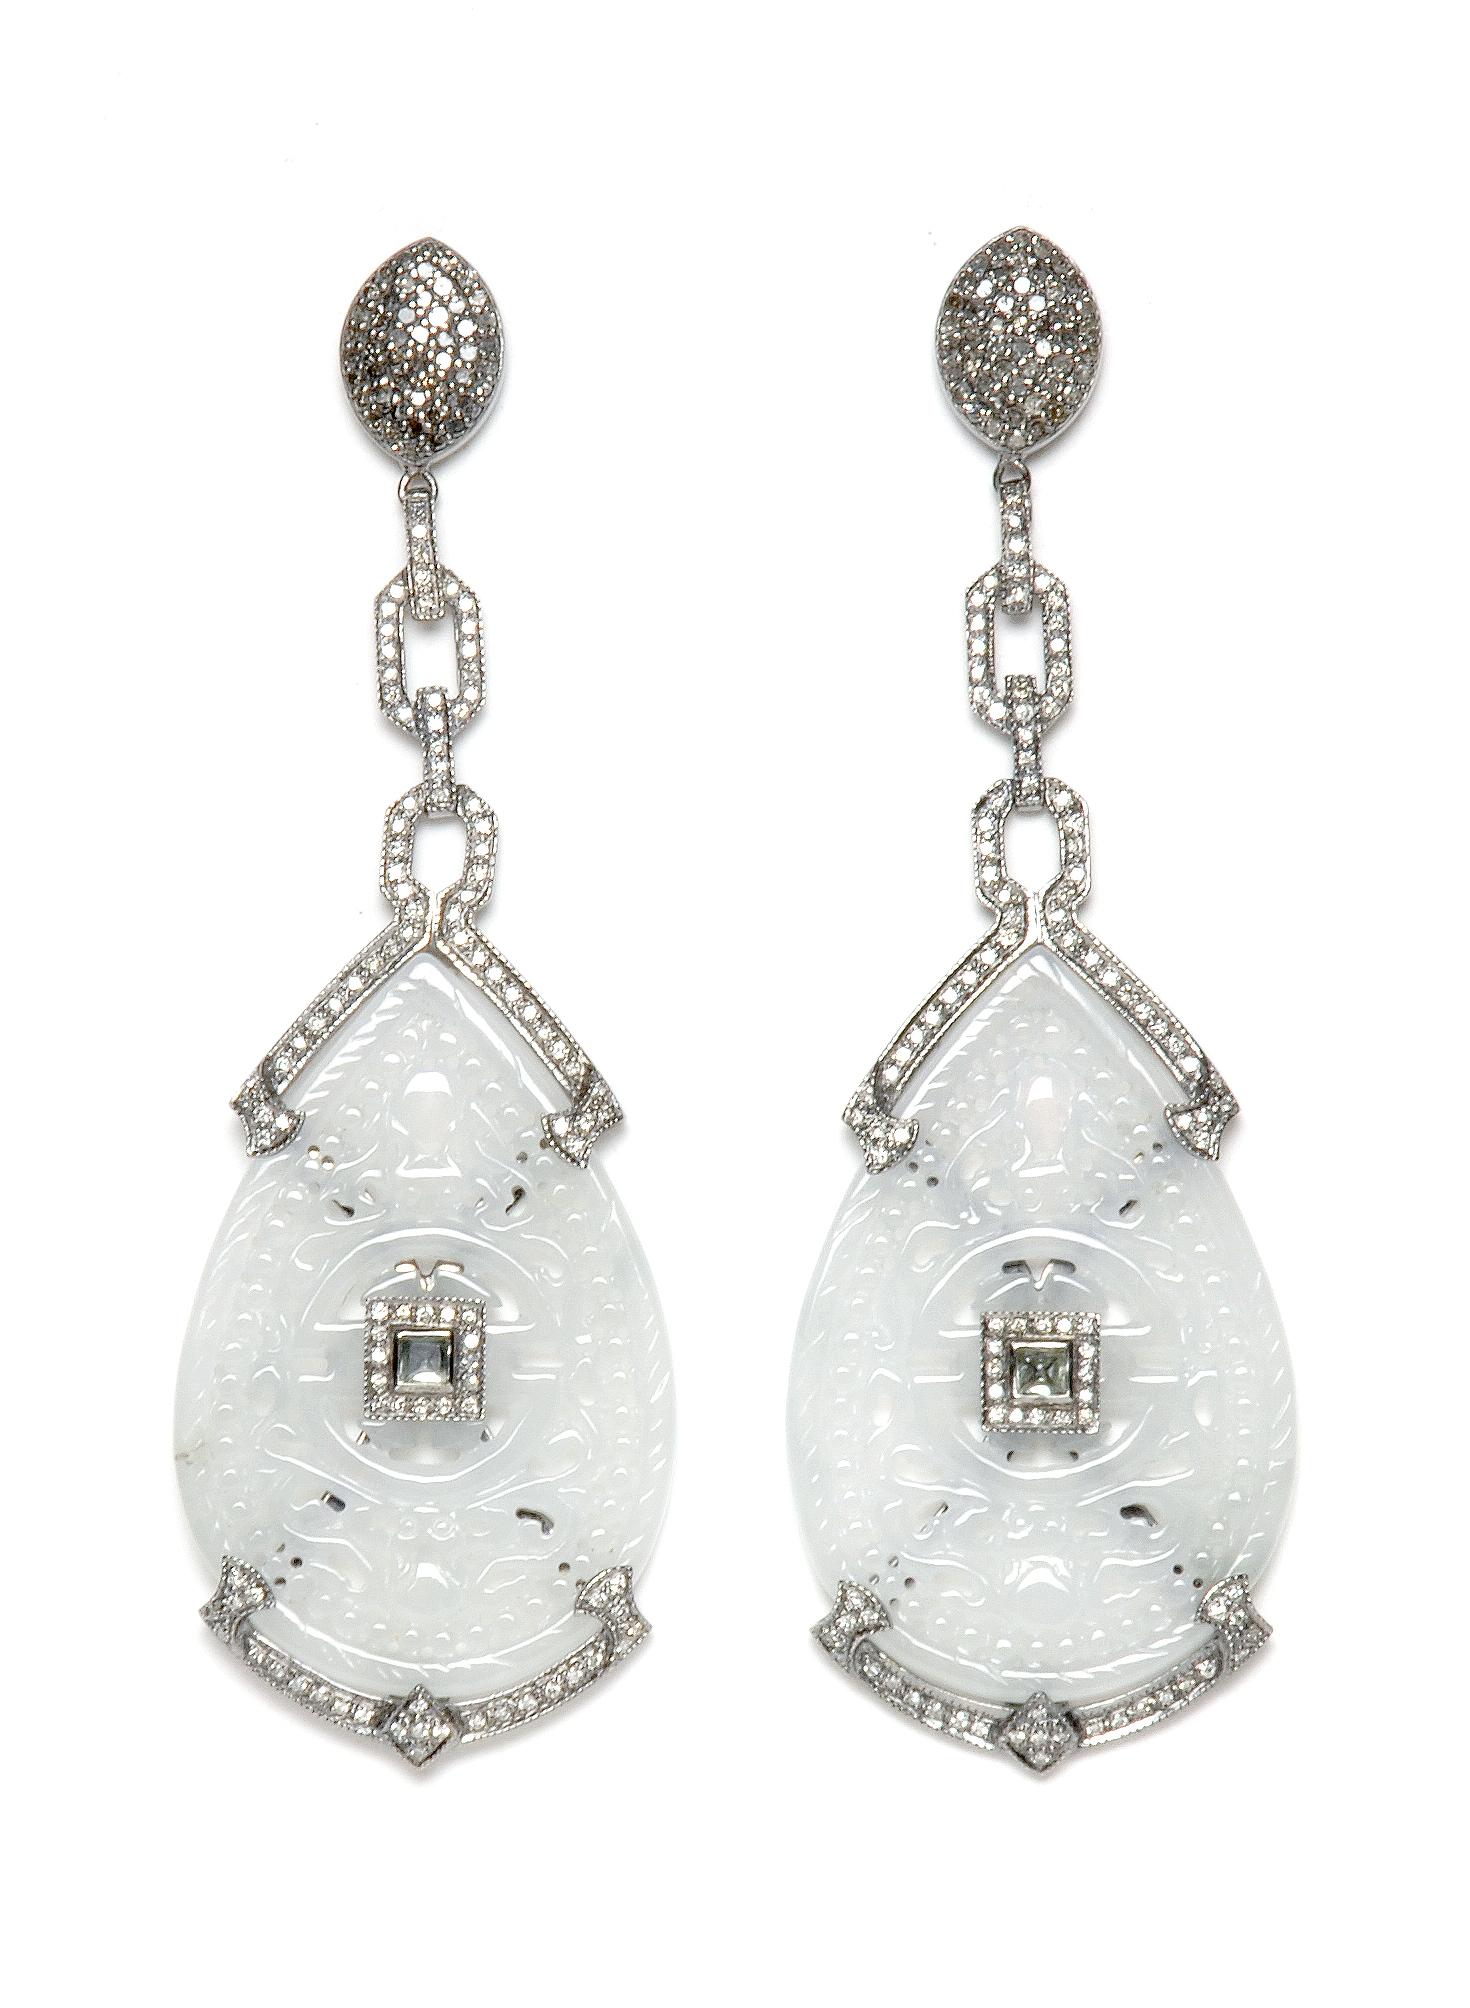 FW2014230 Imperial Palace Earrings.jpg